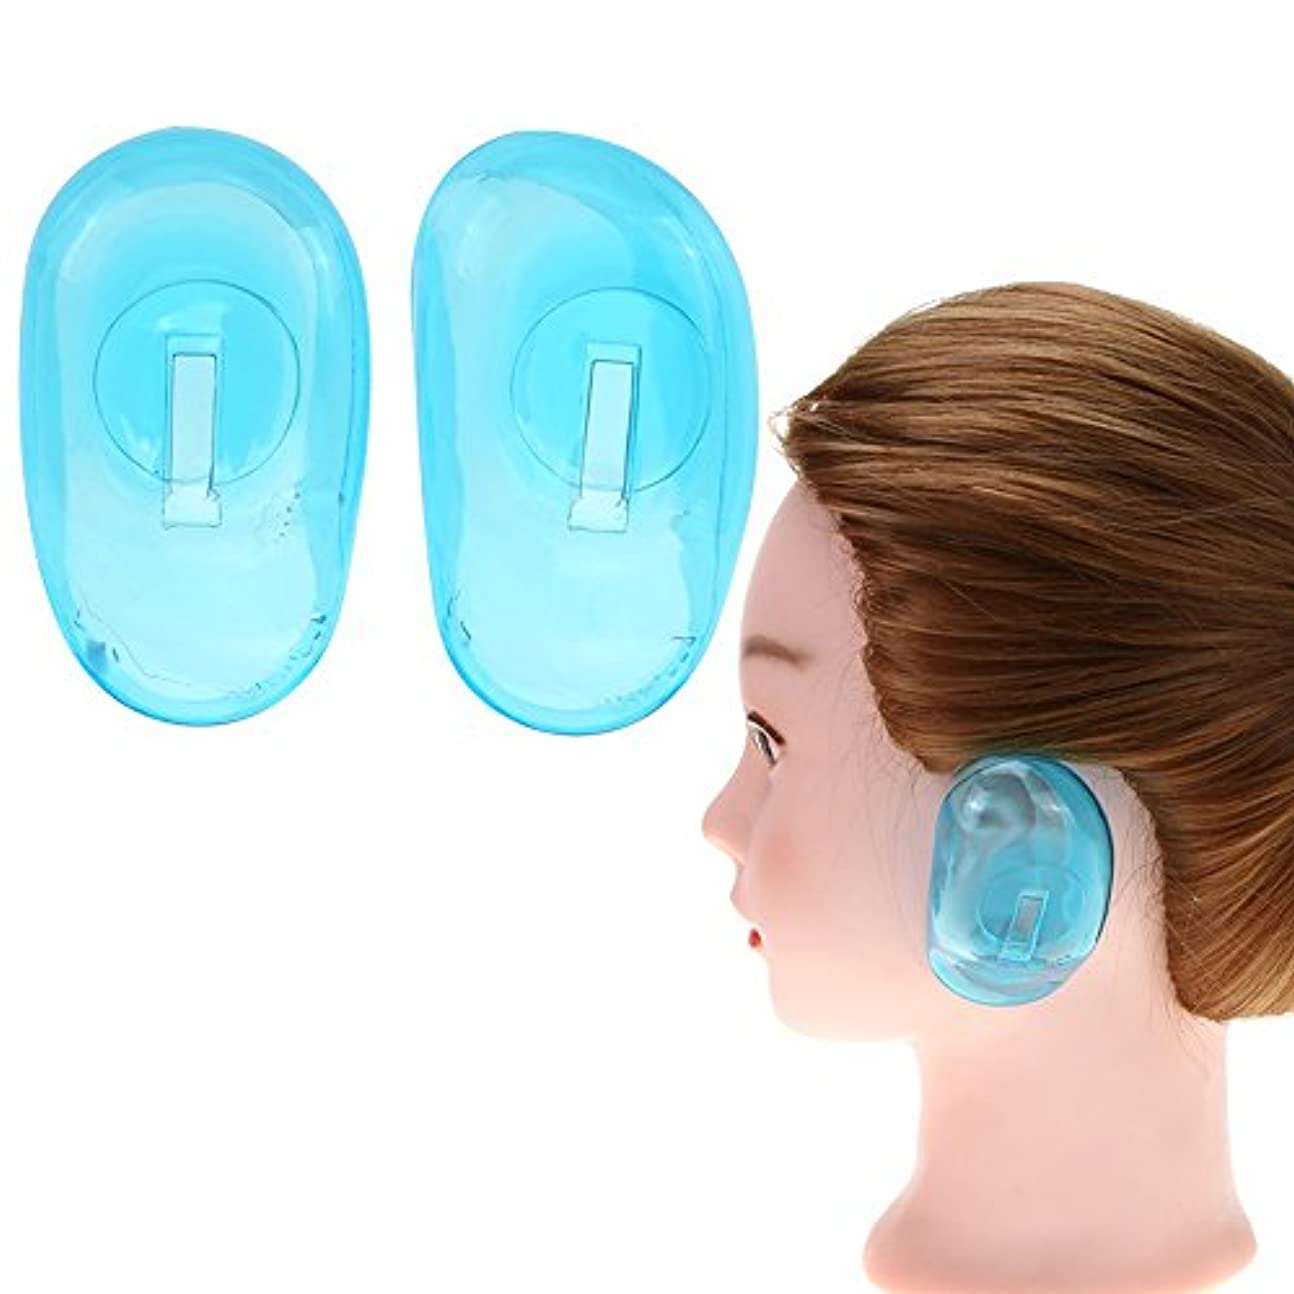 チャレンジ扱いやすいオーラルRuier-tong 1ペア耳カバー 毛染め用 シリコン製 耳キャップ 柔らかいイヤーキャップ ヘアカラー シャワー 耳保護 ヘアケアツール サロン 洗える 繰り返す使用可能 エコ 8.5x5cm